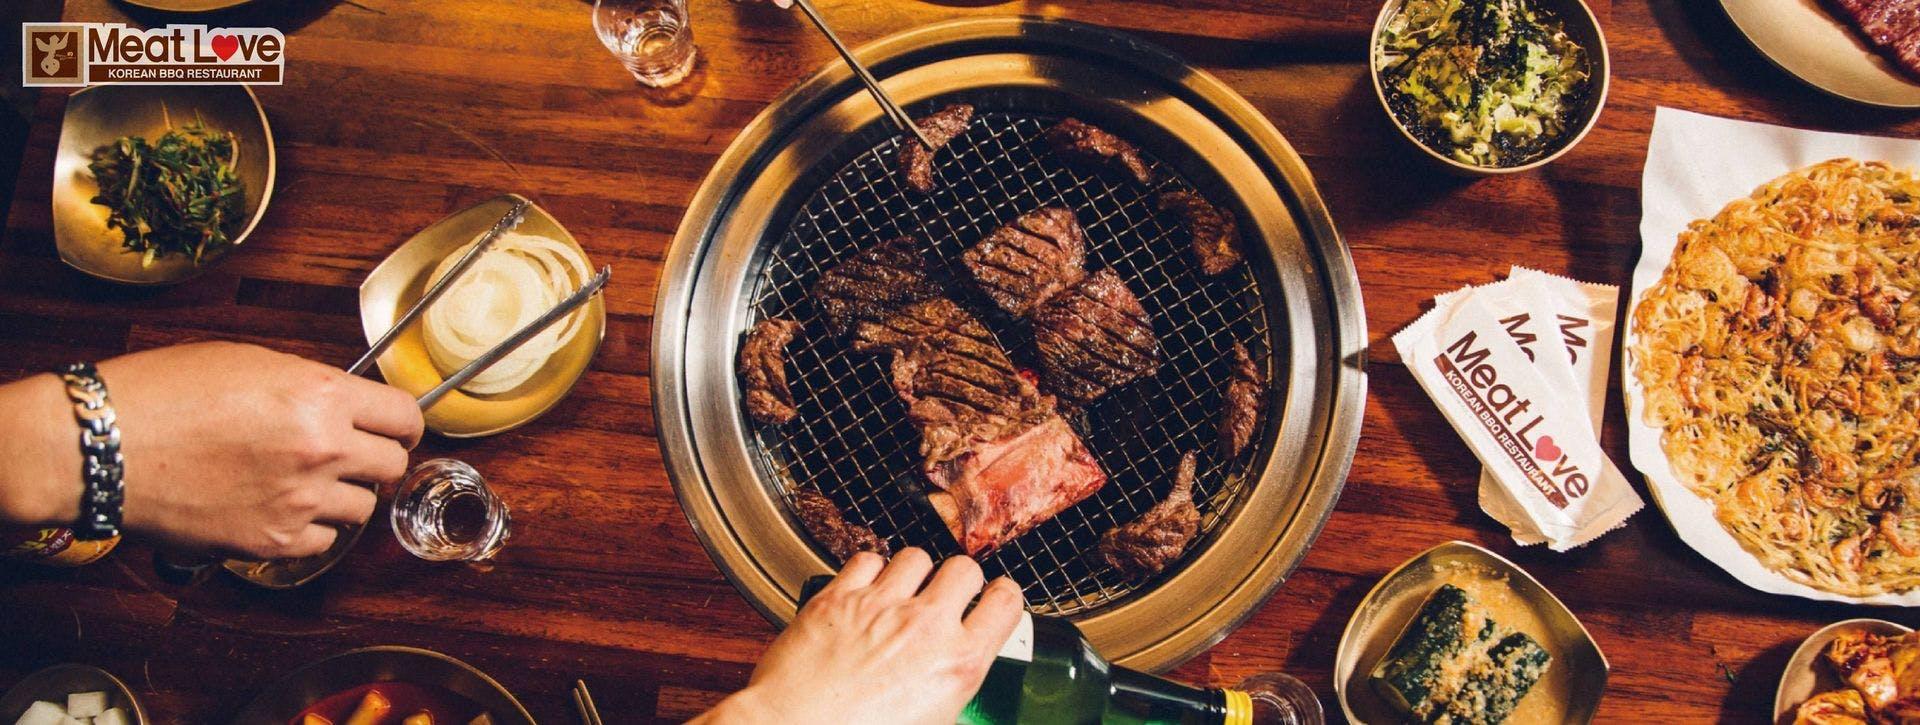 使用橡木炭烤肉,並主打高品質冷藏肉,擄獲老饕的胃。